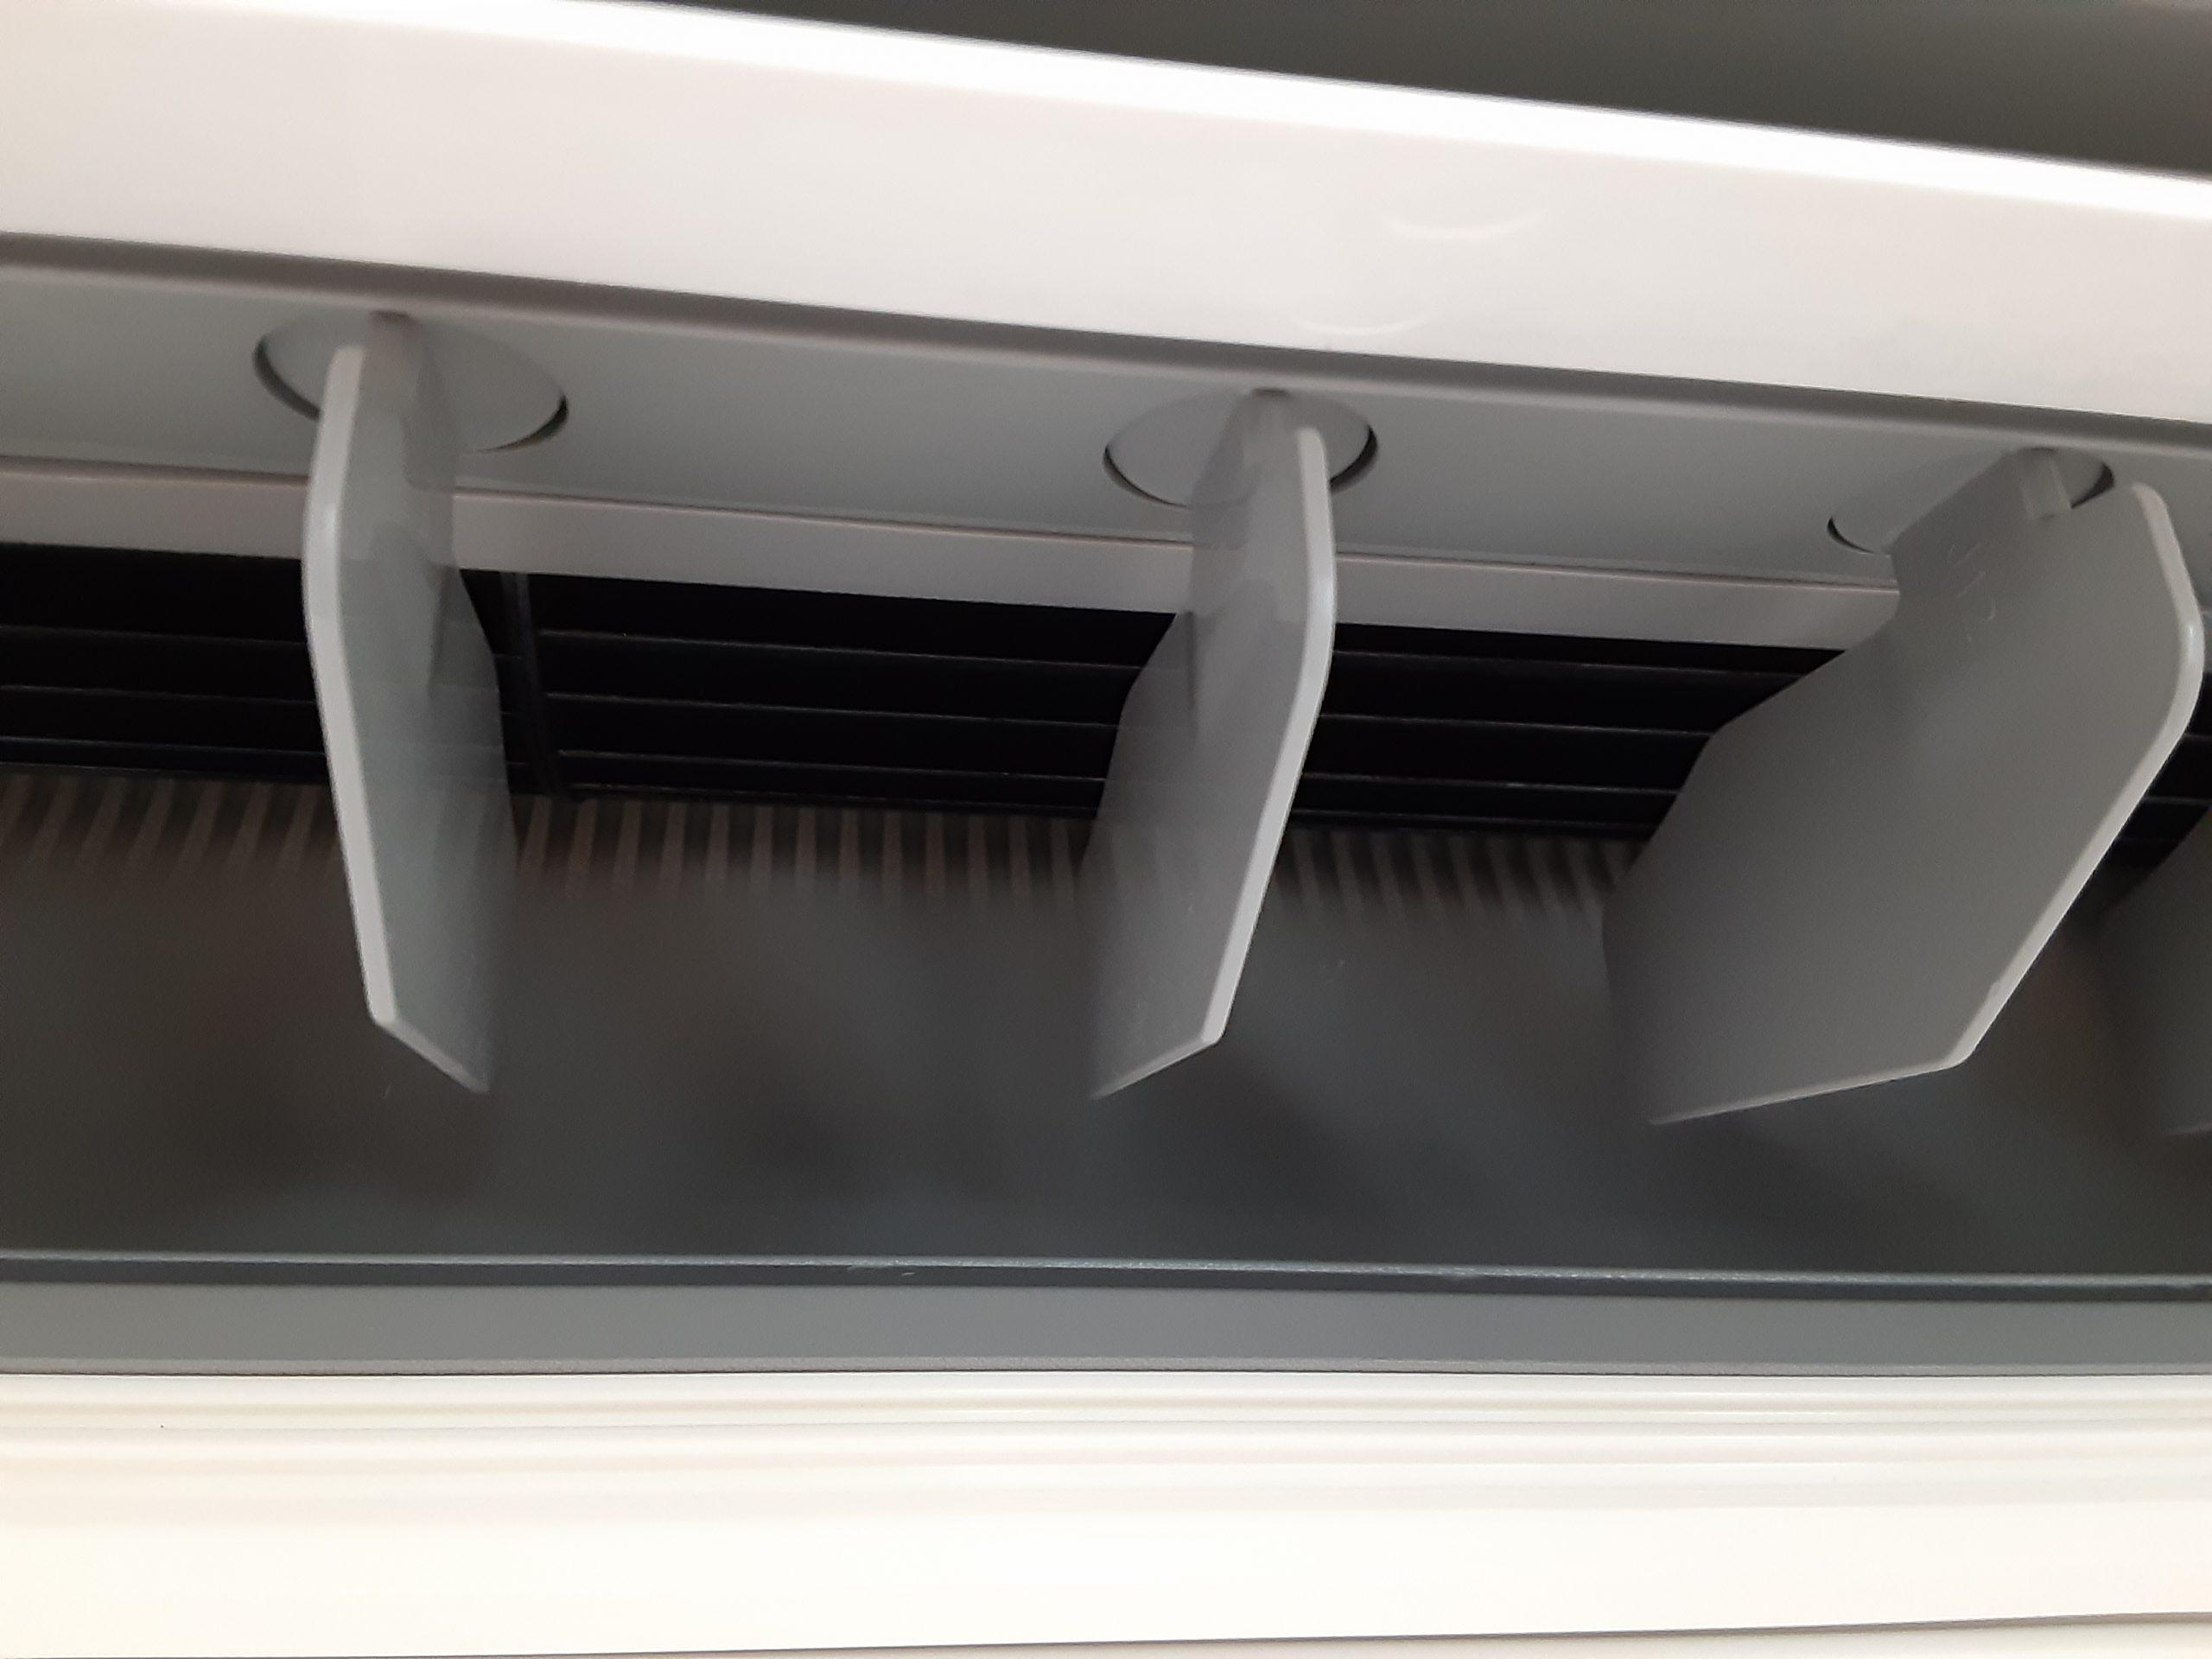 エアコン分解洗浄はいい部屋おそうじPROお任せください